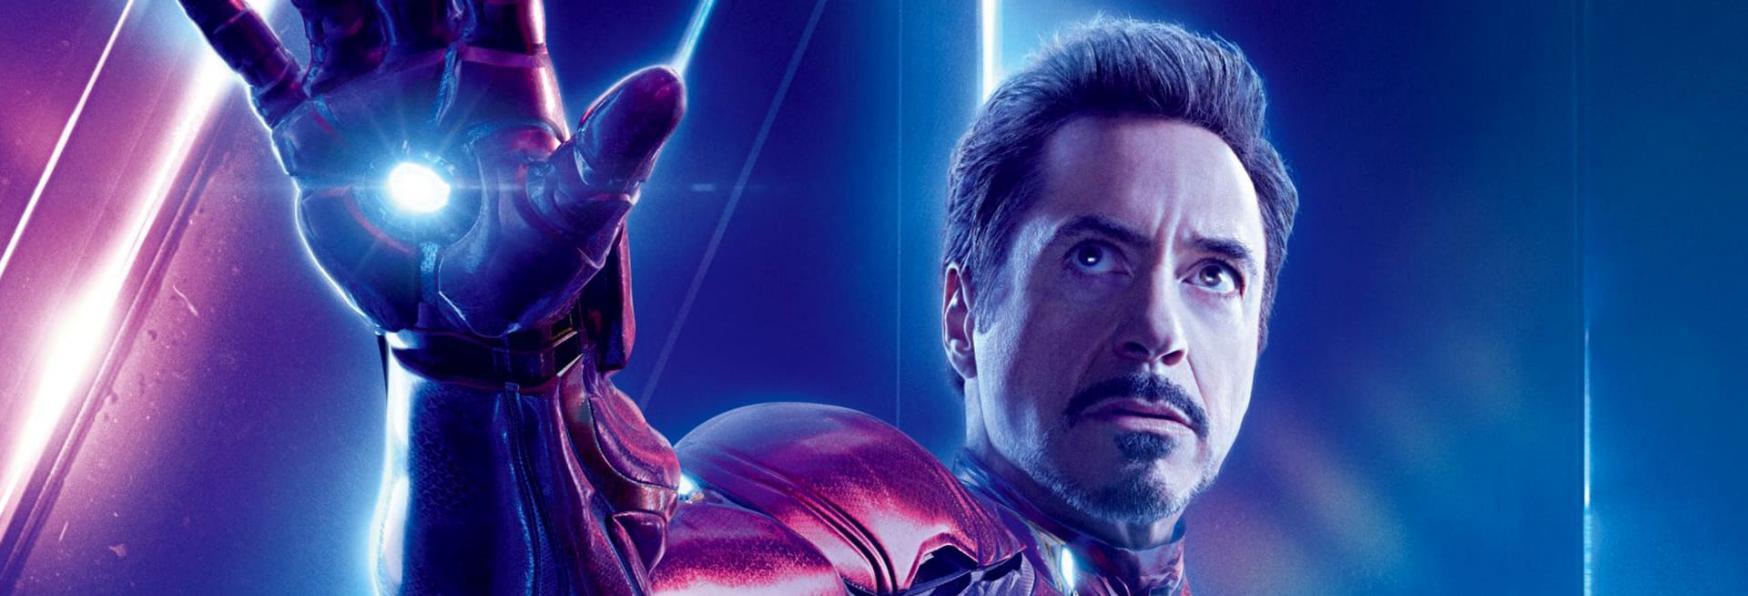 Armor Wars: la morte di Iron Man influenzerà la Trama della nuova Serie TV Disney+